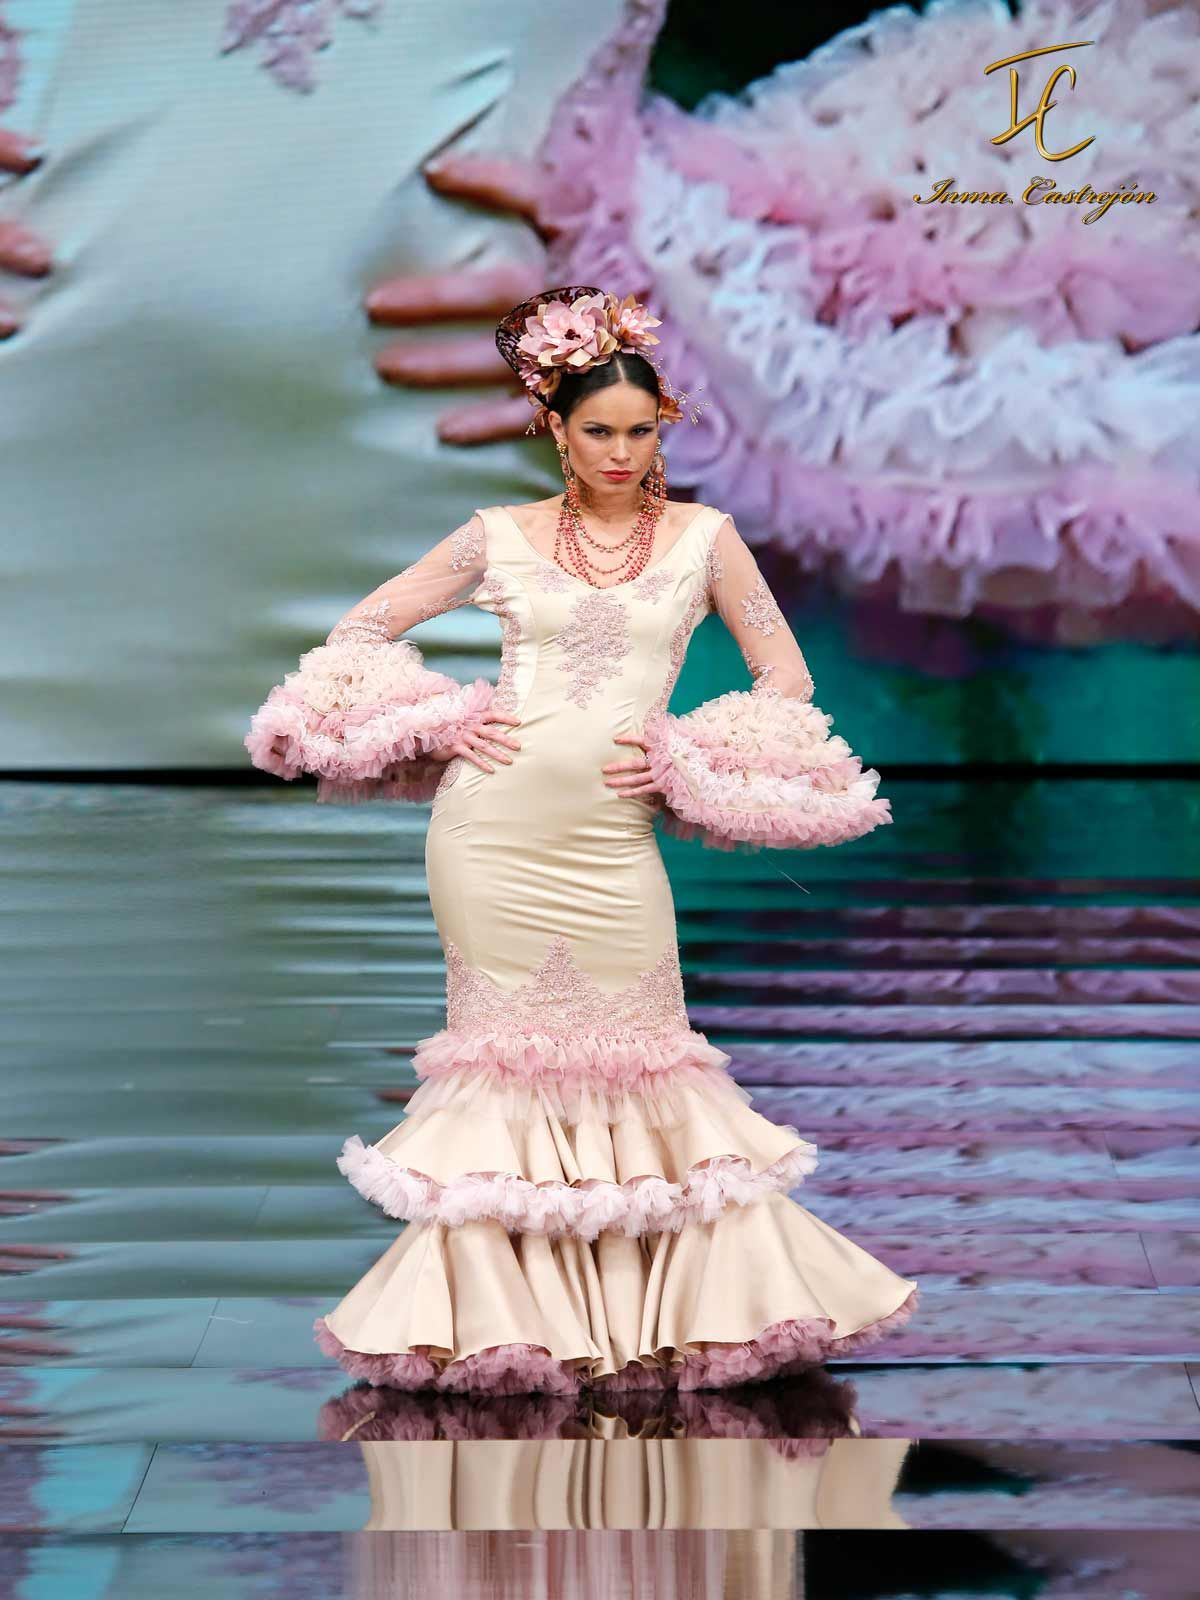 Trajes de Flamenca nuestro diseño en rosa nude y dorado. Disponible en  Tienda Inma Castrejón fbf8a91c3f25